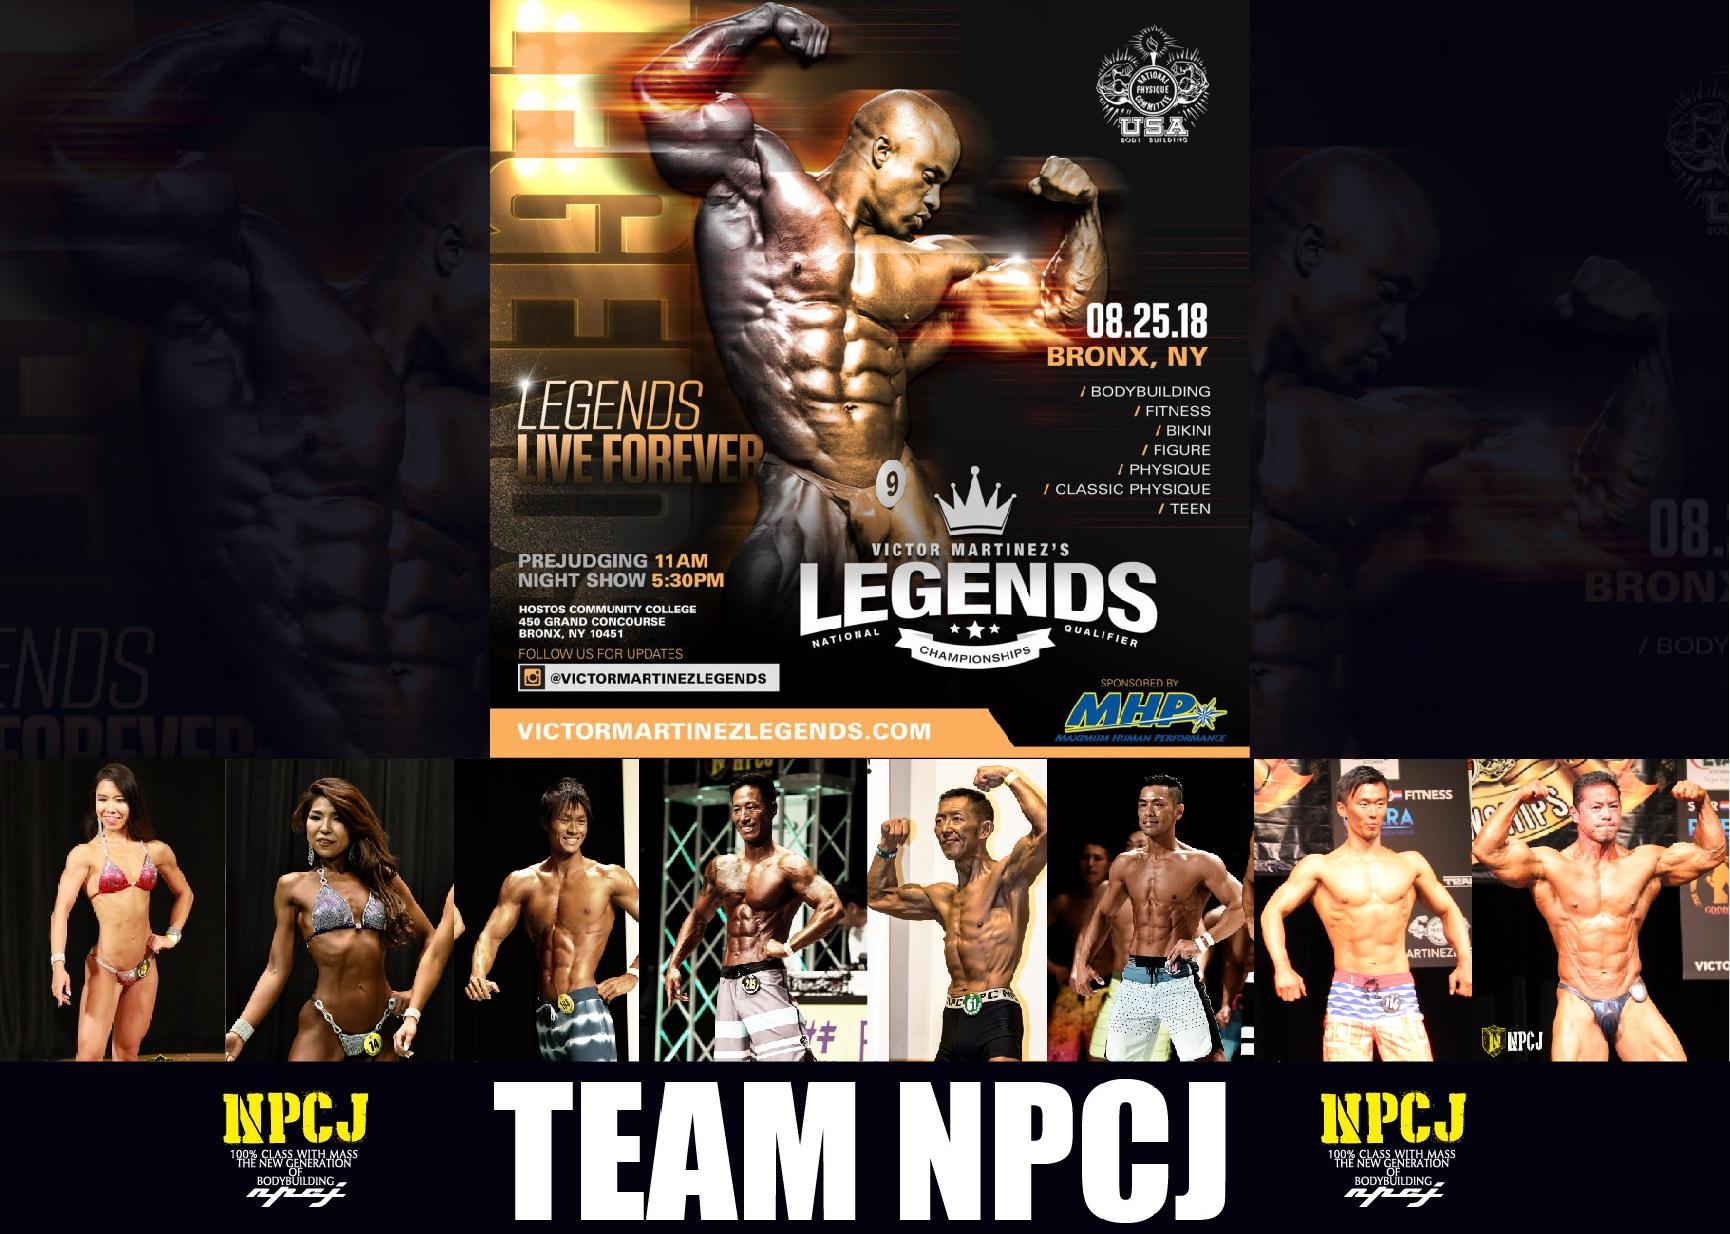 Victor Martinez's LegendsChapmpionships – Team NPCJ Japan